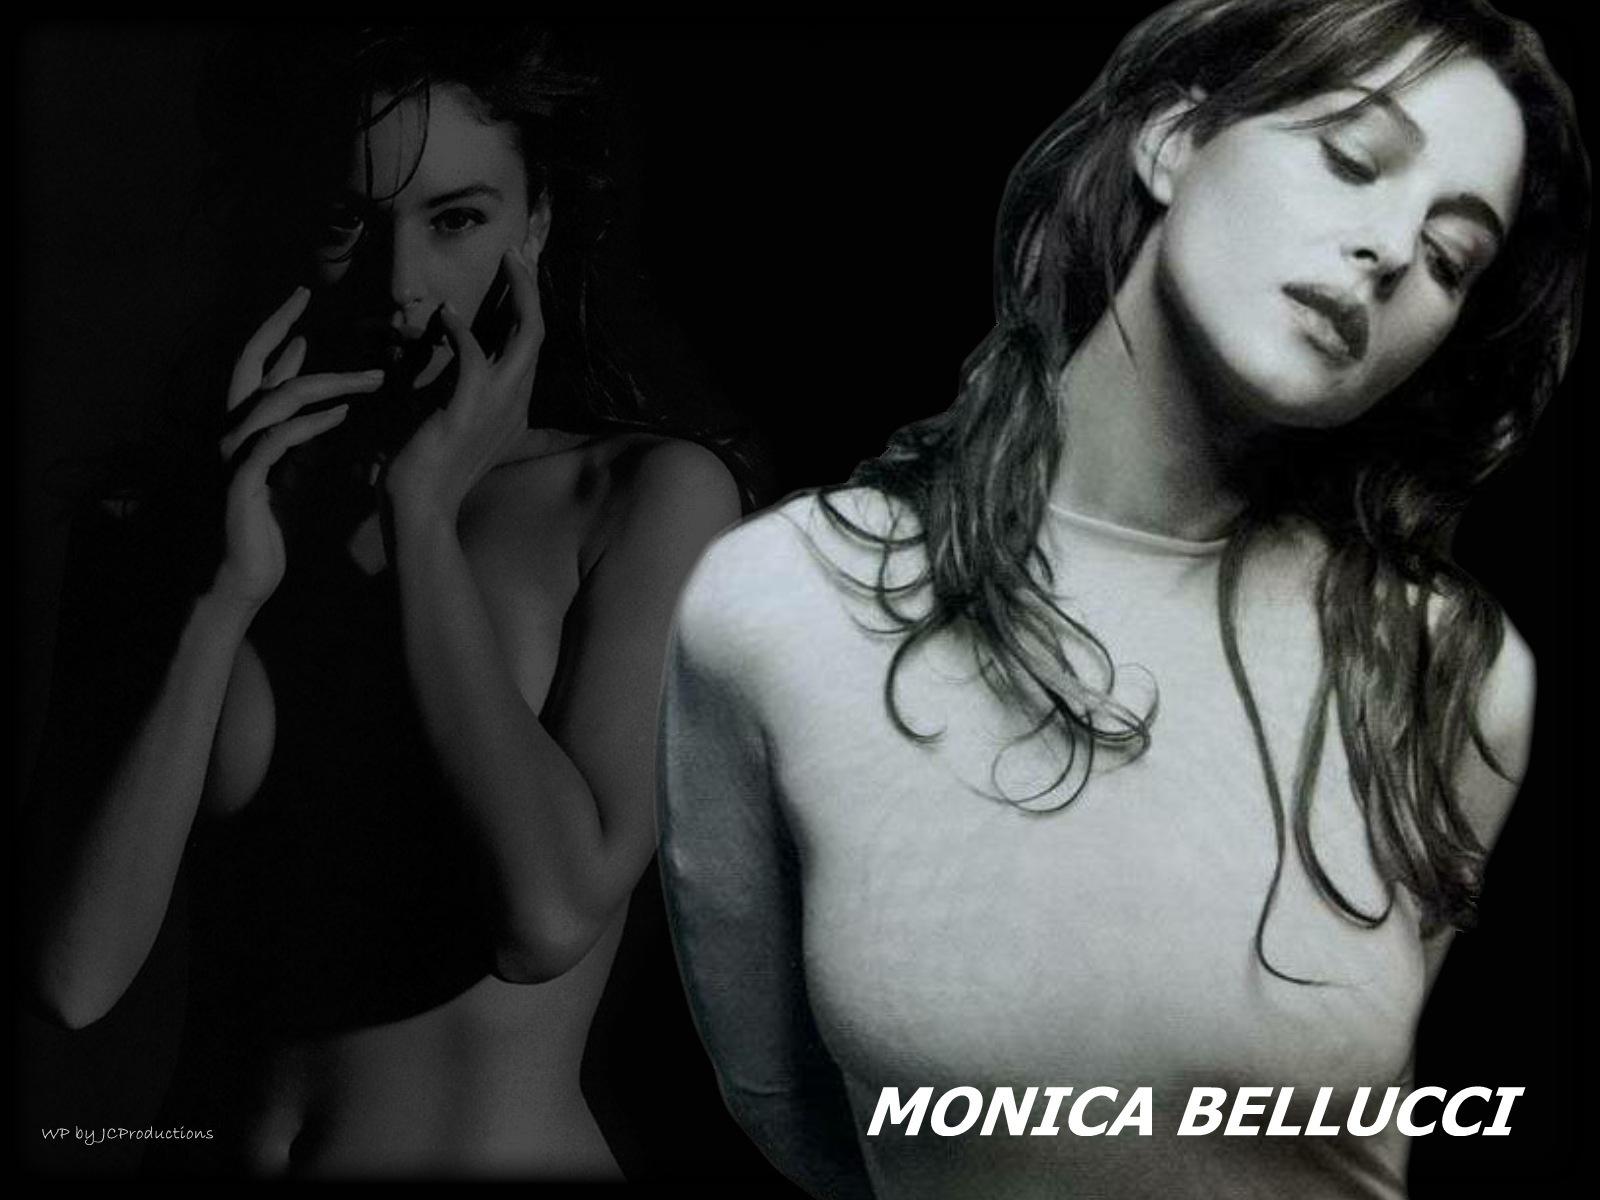 Monica Bellucci in B&W